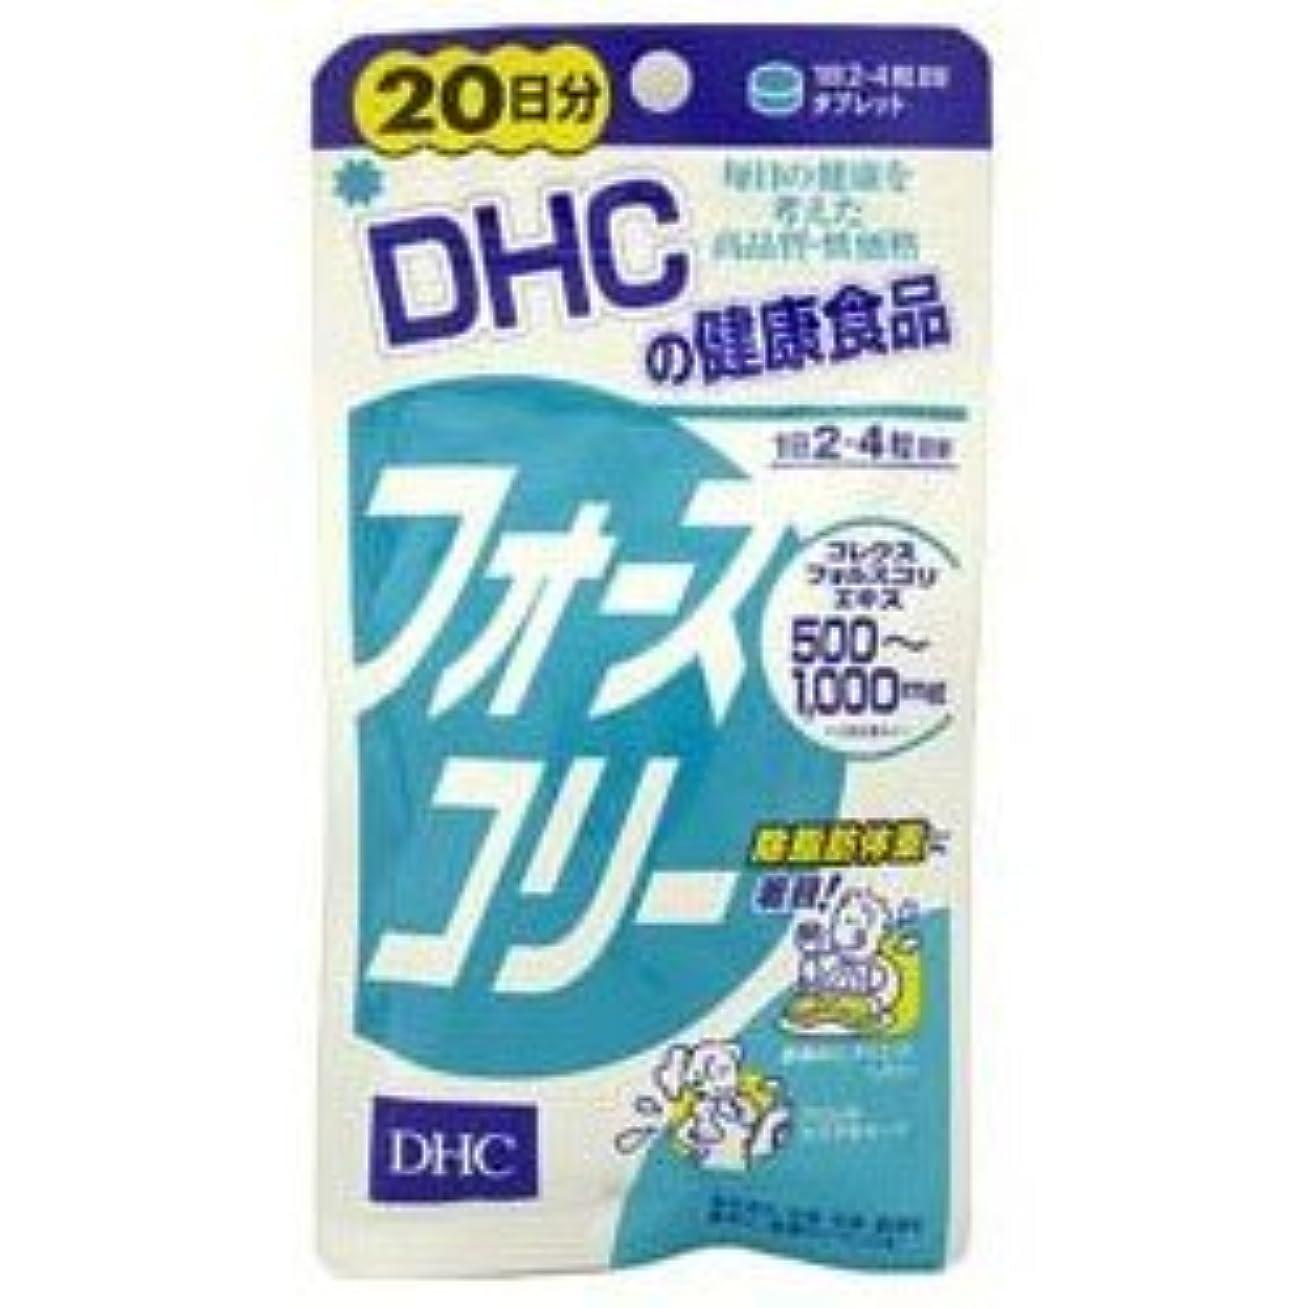 個人的なパン個人的な【DHC】フォースコリー 20日分 (32.4g) ×20個セット